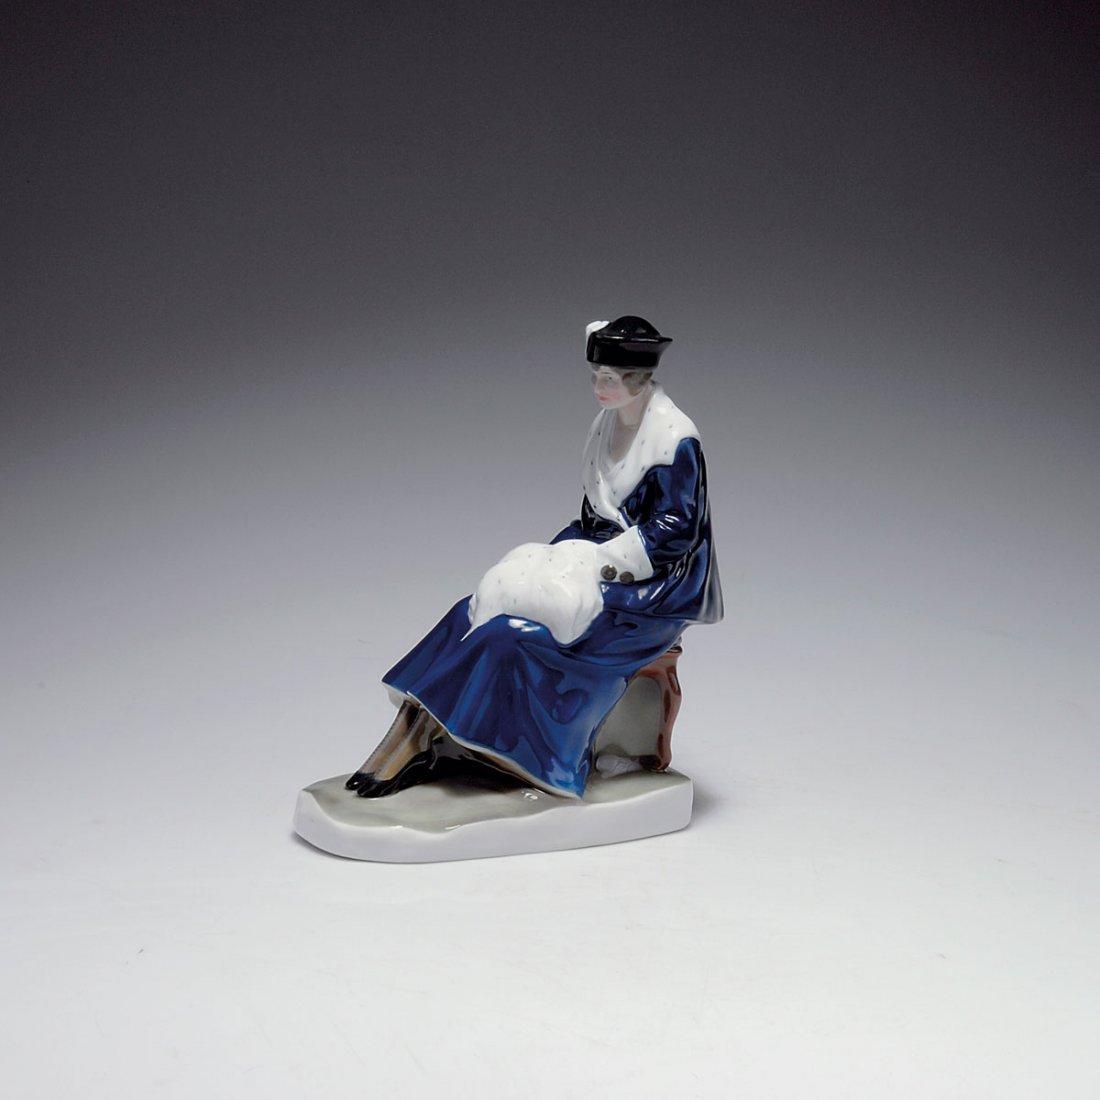 524: Lady, 1920s